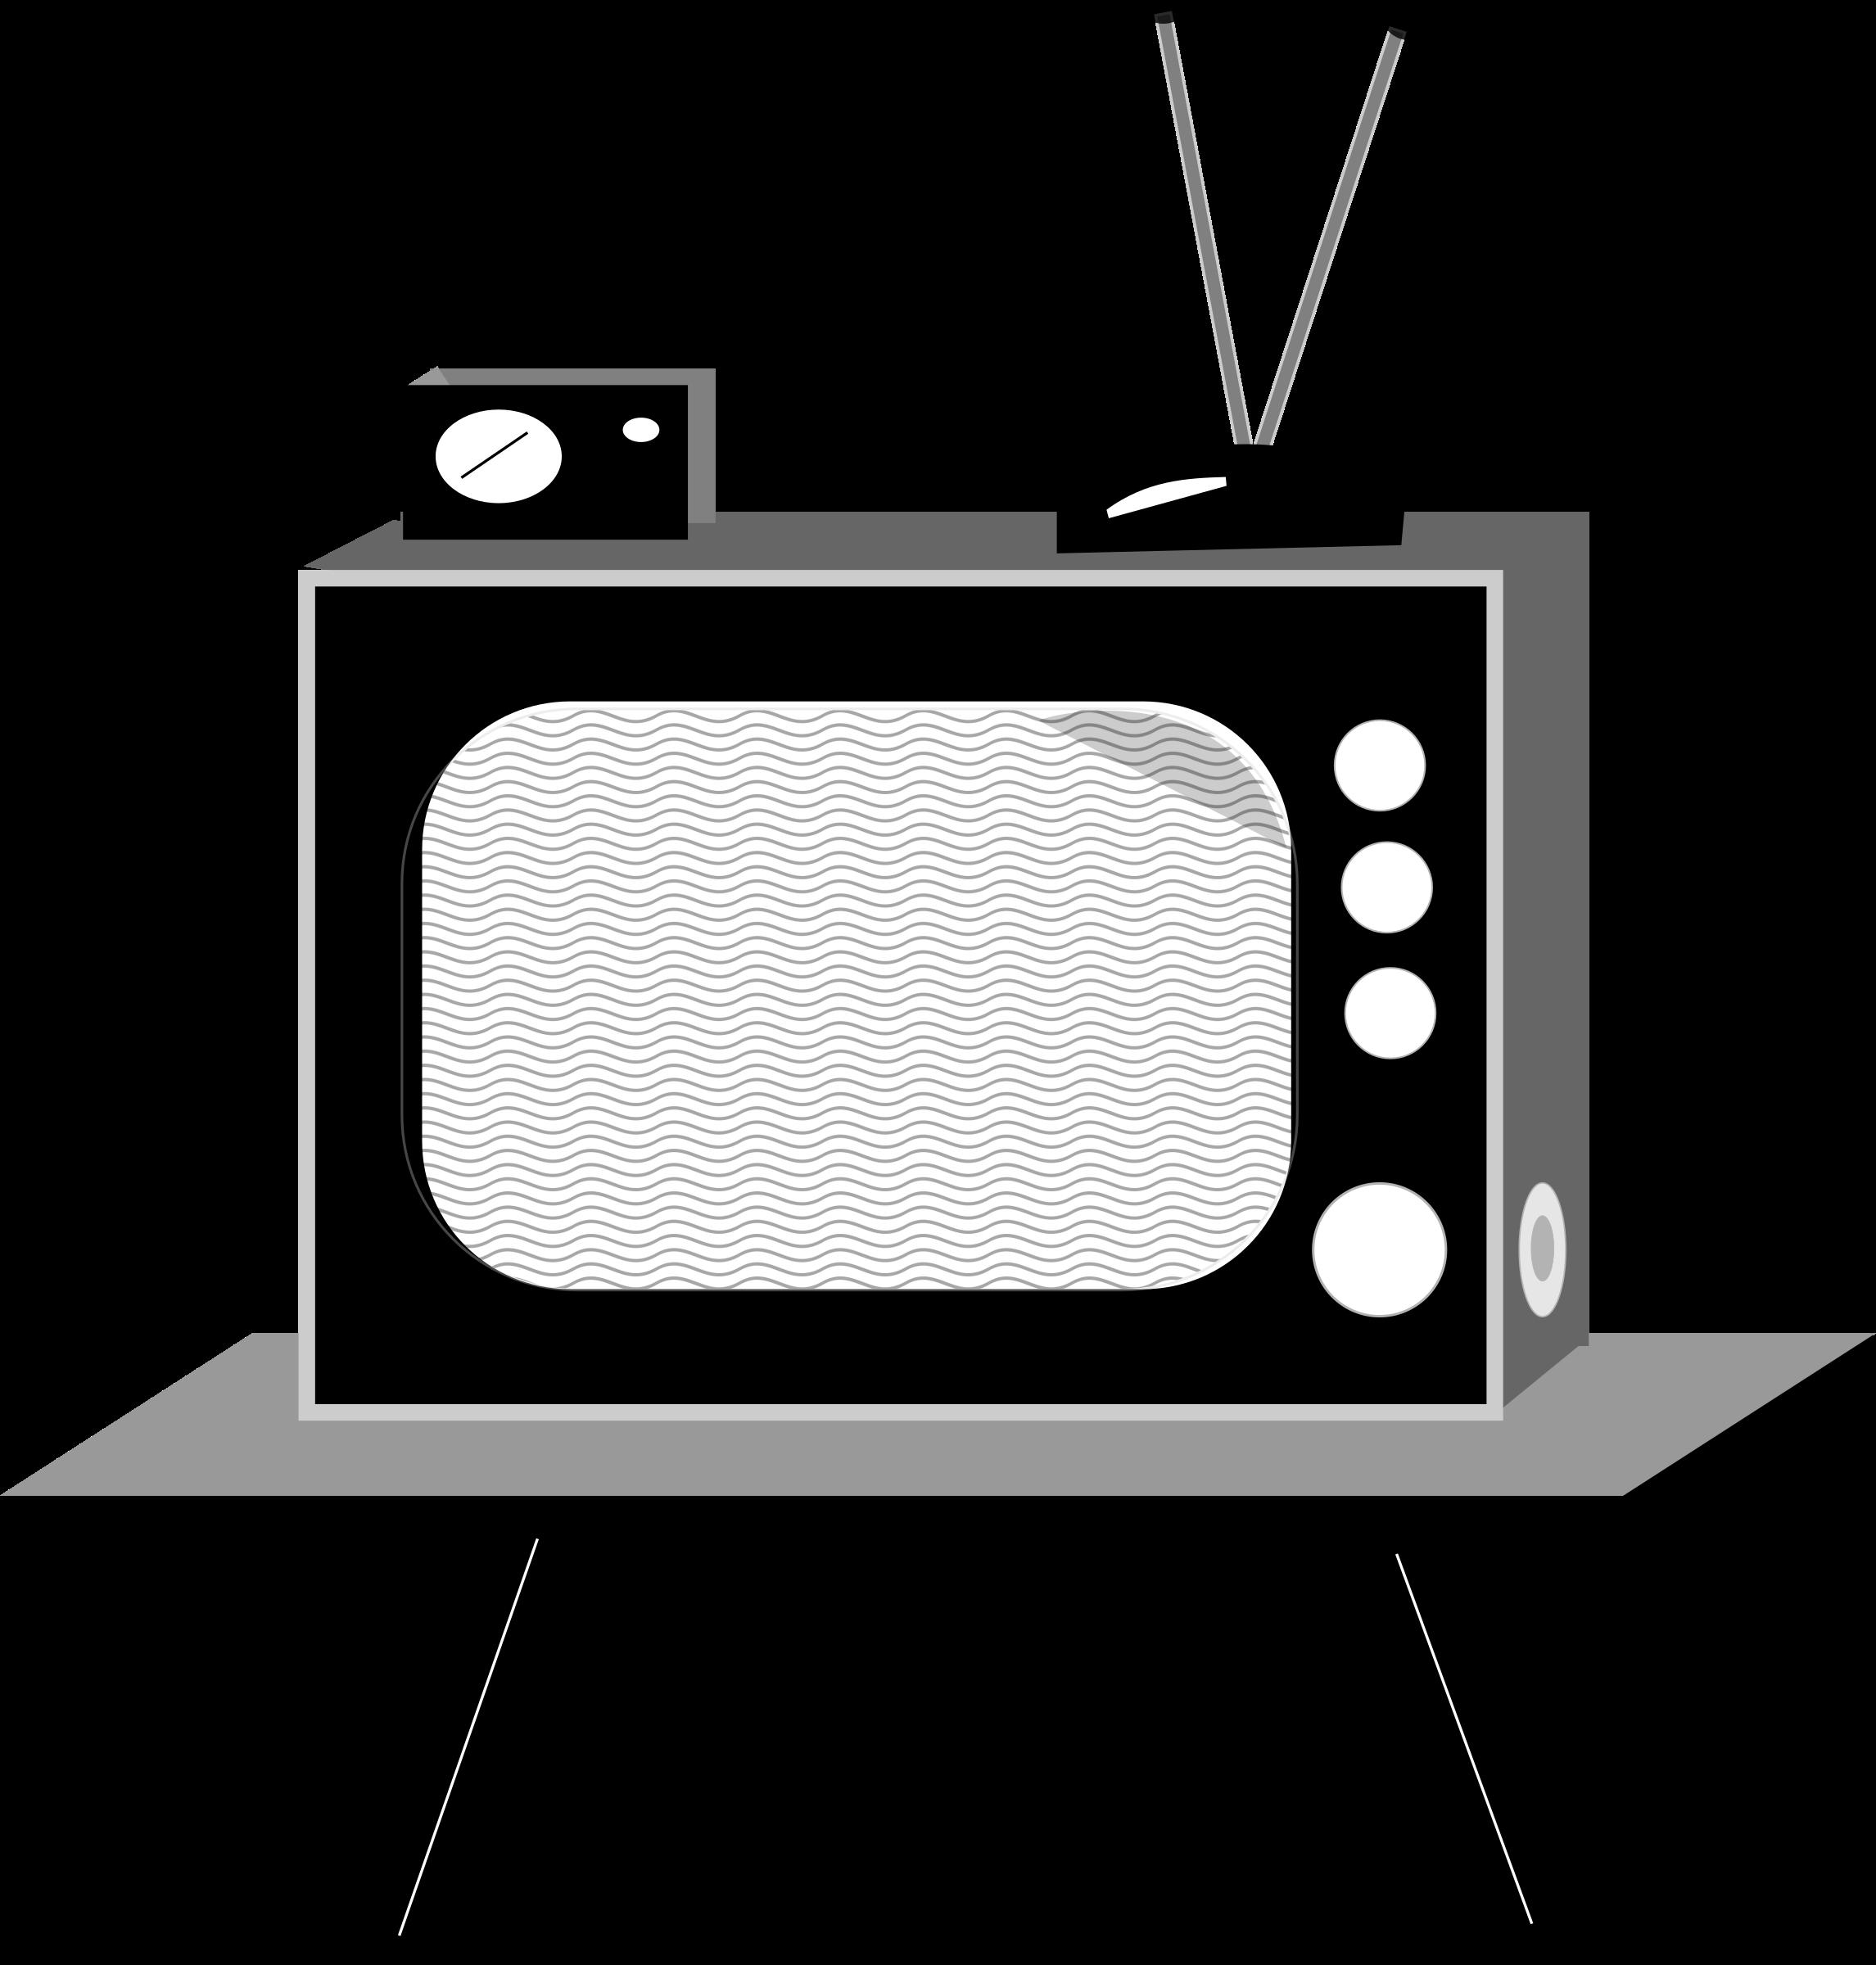 Tv Vintage By Dinhochiz Vintage Tv Clip Art Vintage